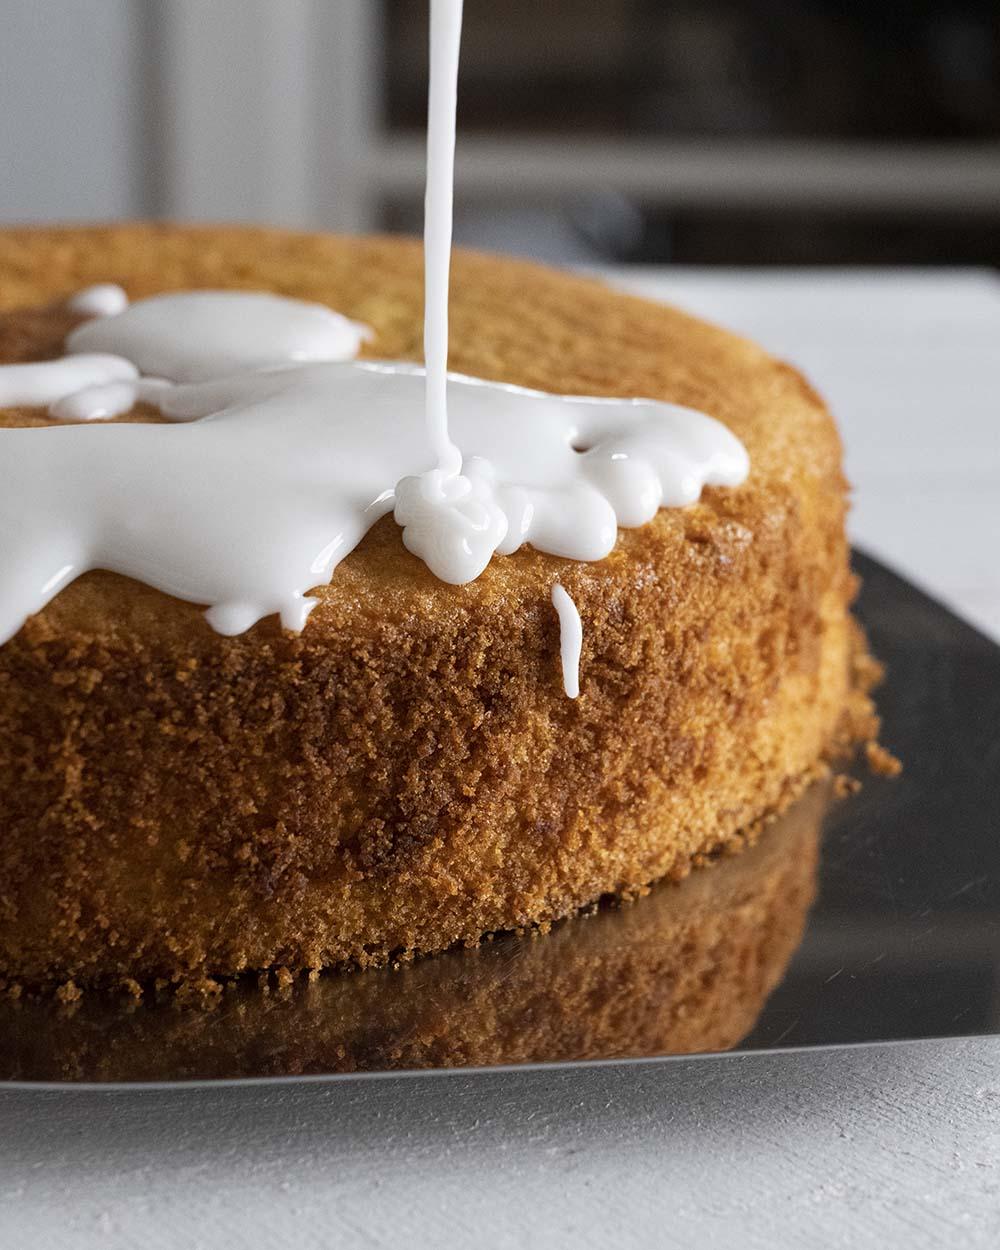 Unser selbst gemachter Zitronenguss fließt auf den frisch gebackenen Zitronenkuchen.